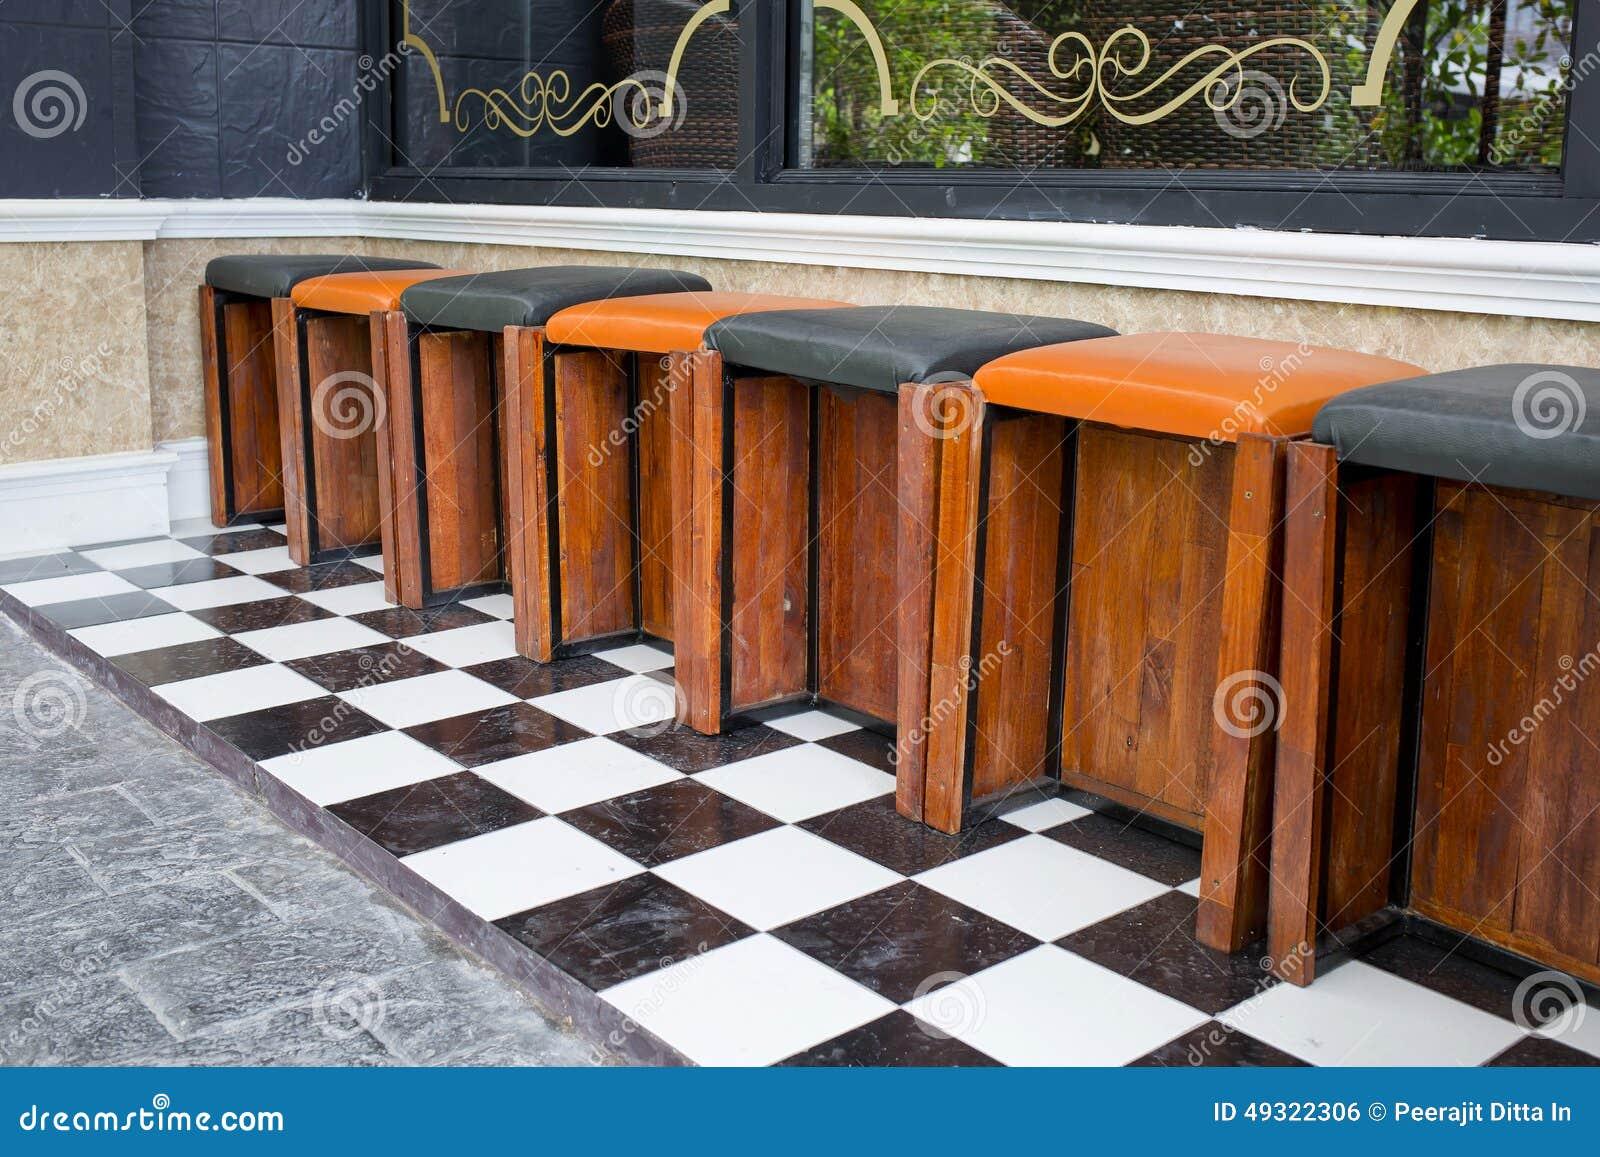 Los taburetes de bar de madera cl sicos se alinean en una for Fotos de bares de madera